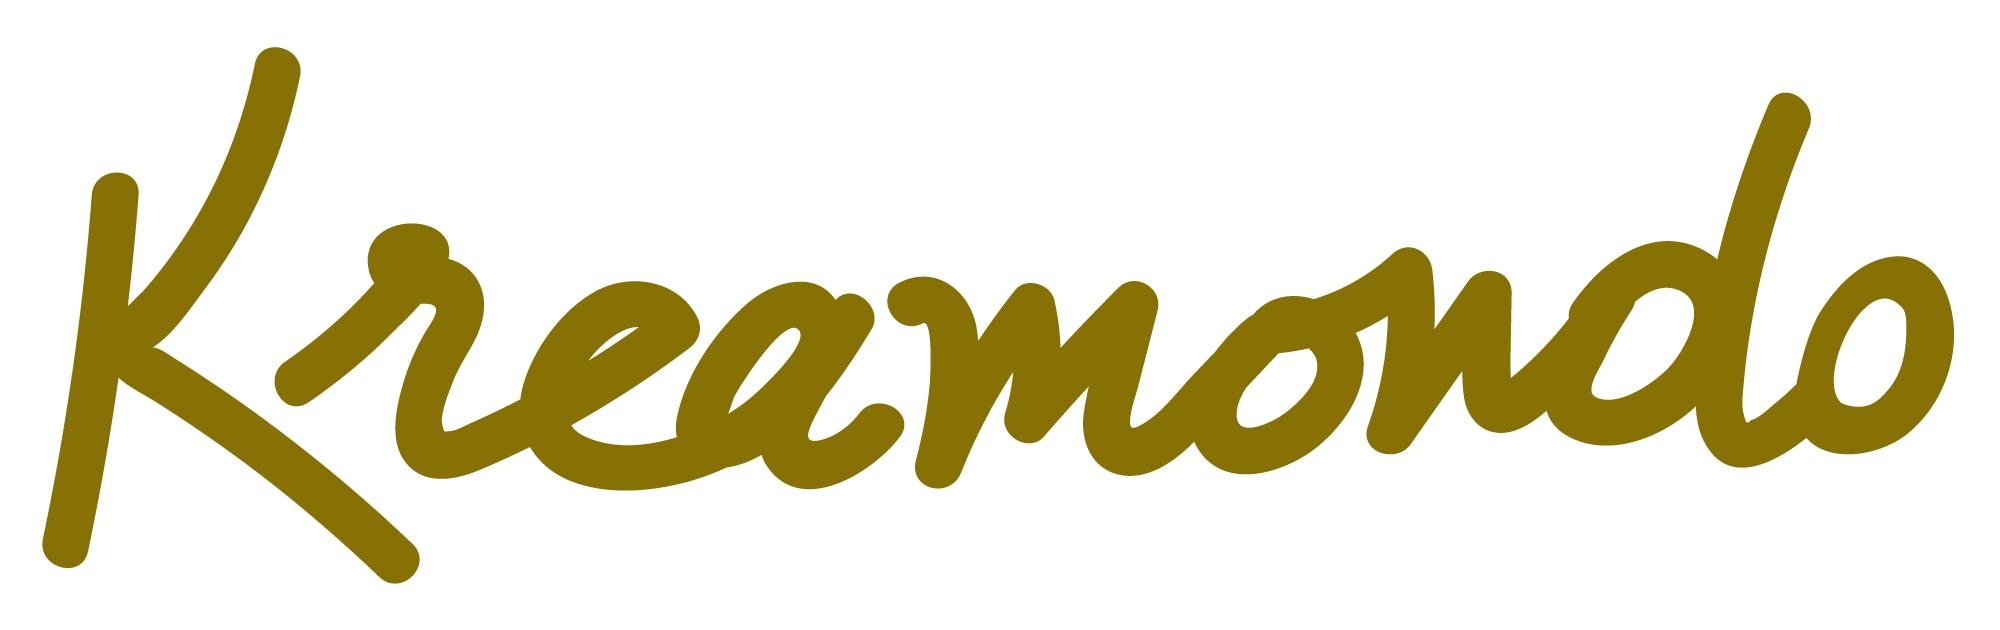 Logo en bronze